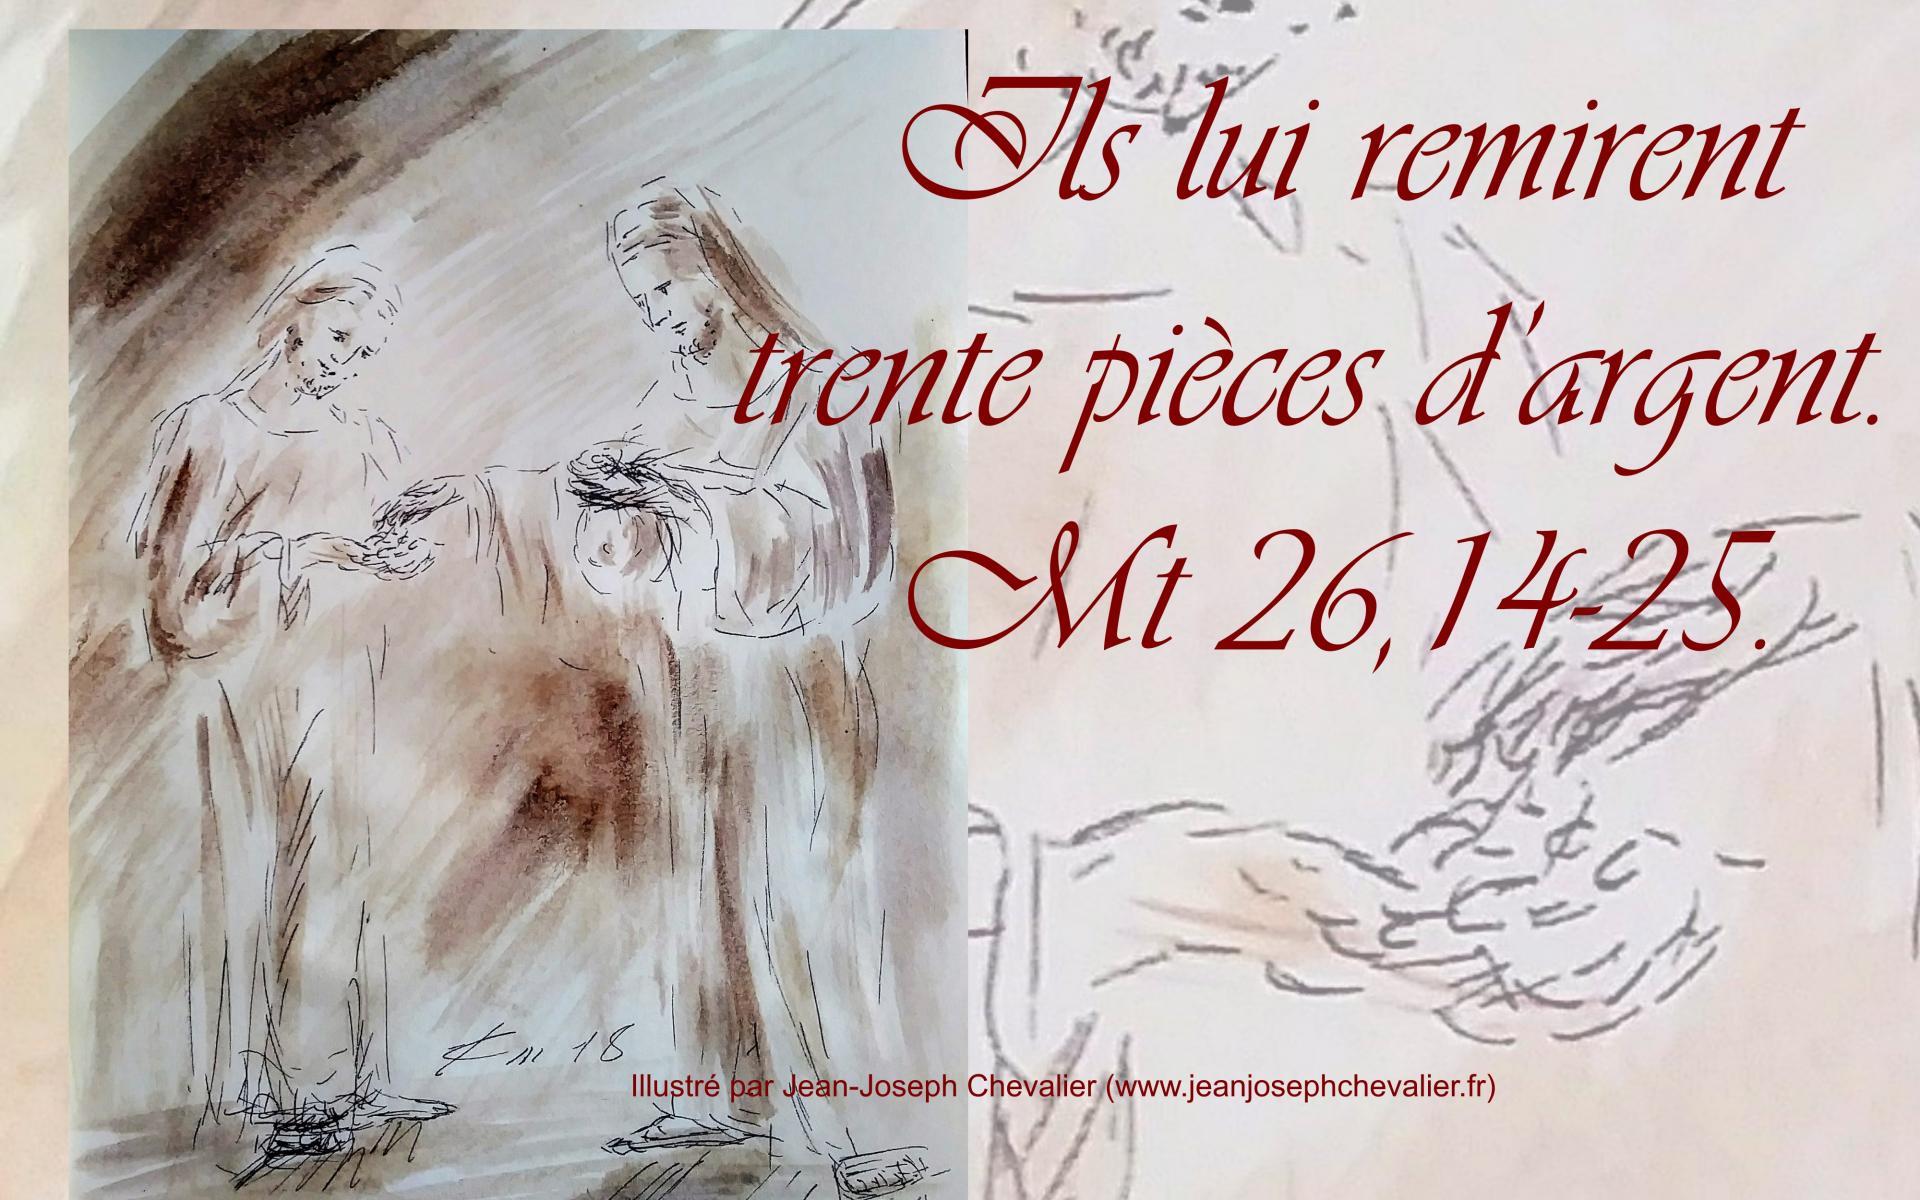 28 mars 2018 evangile du jour illustre par un dessin au lavis de jean joseph chevalier image